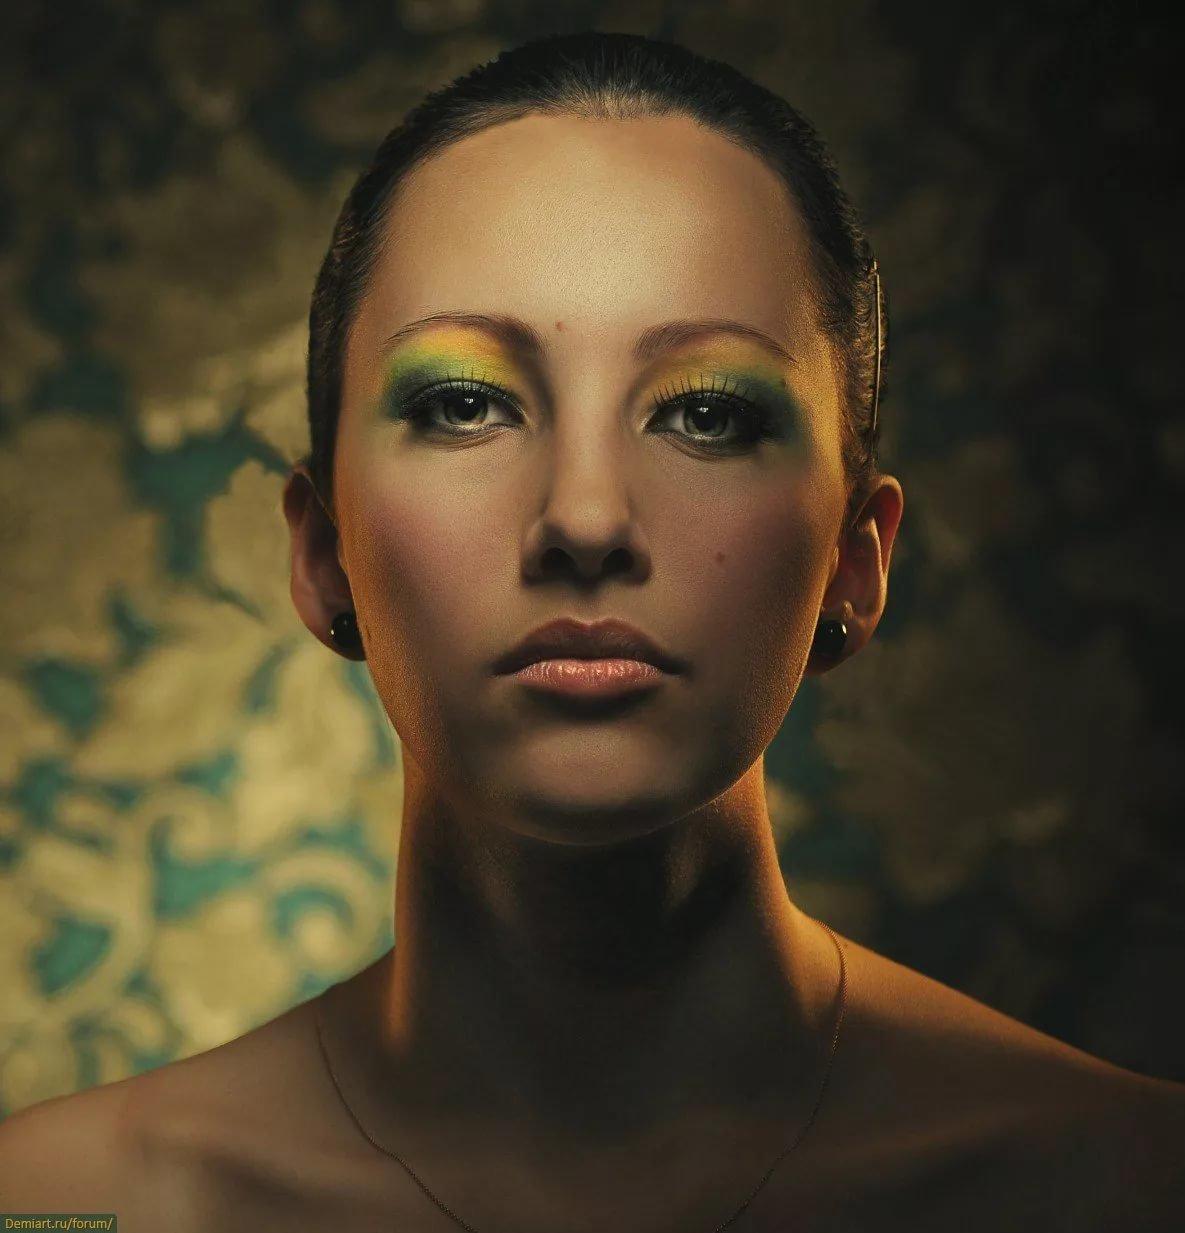 как затемнить цветное фото стереотипы рассказываю интересных